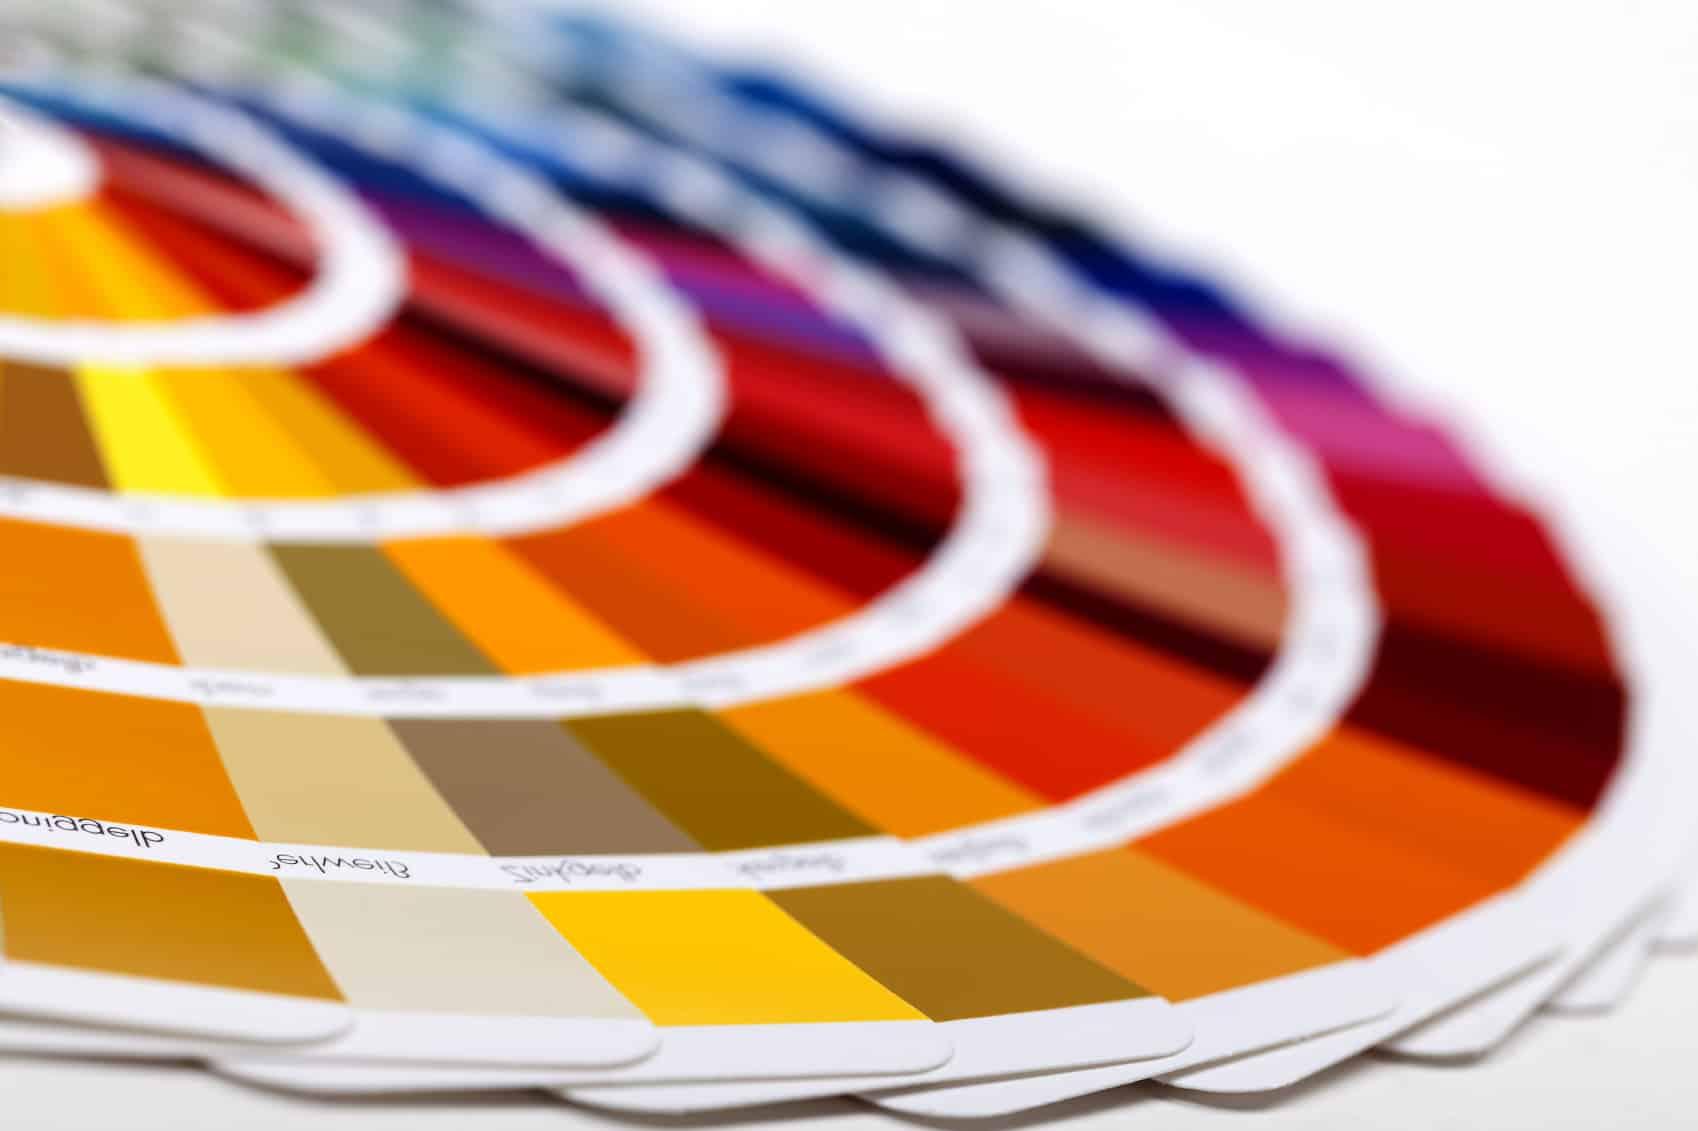 Come abbinare i colori  la guida completa  26e4b2a7f7c0